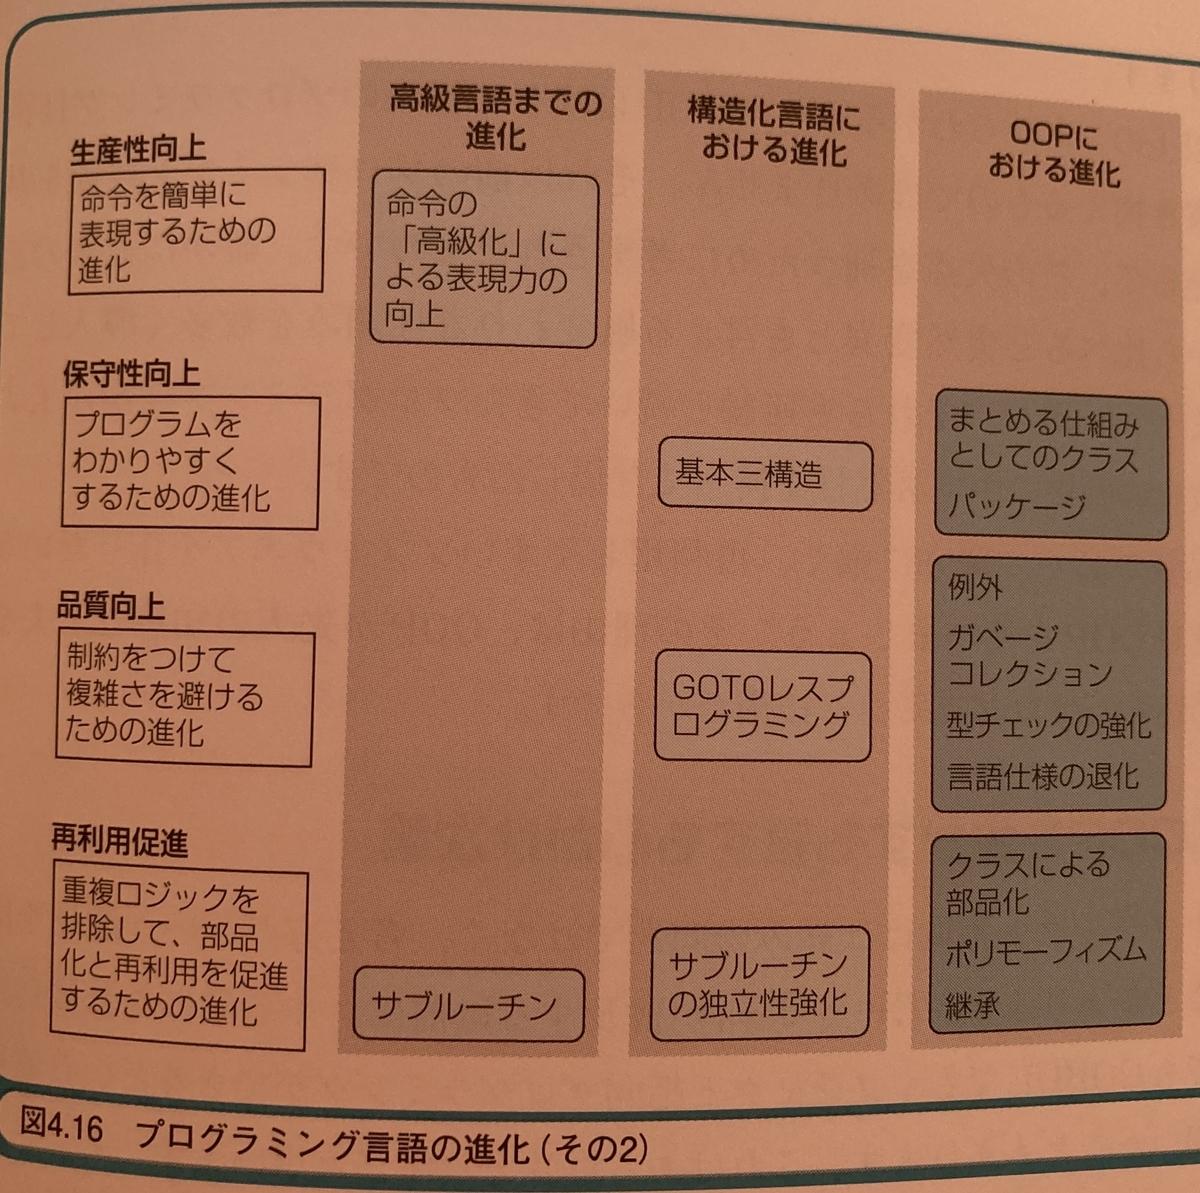 f:id:meikotan:20210321143717j:plain:w450